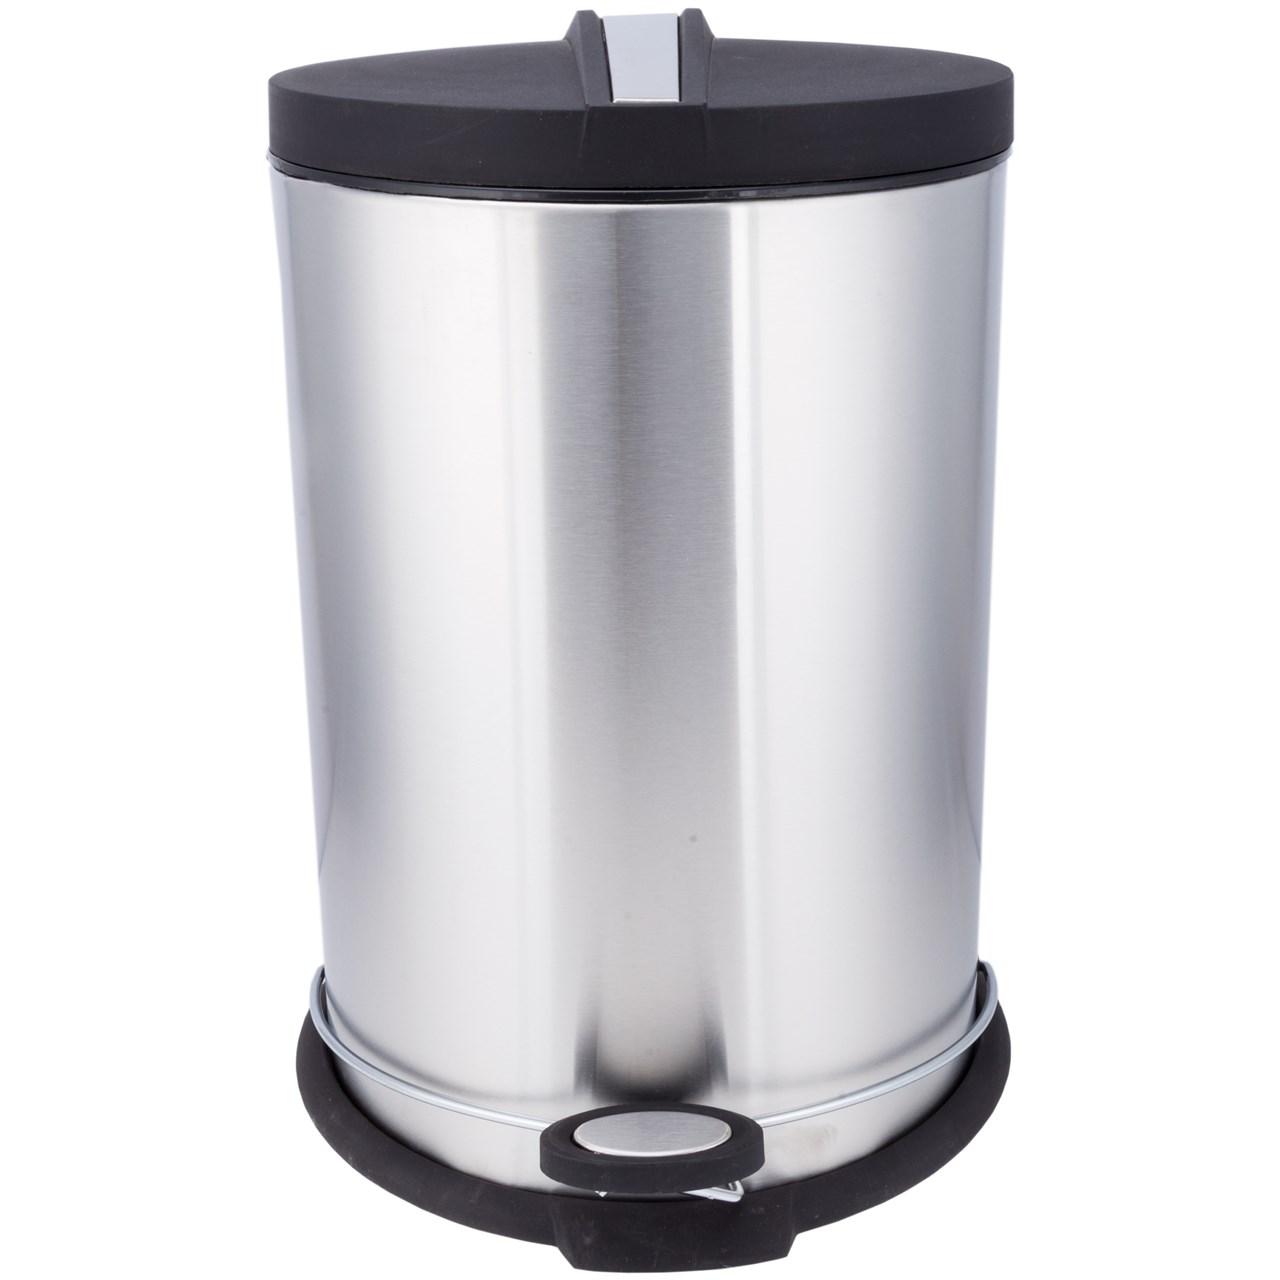 سطل زباله مکث مدل Step Bin گنجایش 20 لیتری